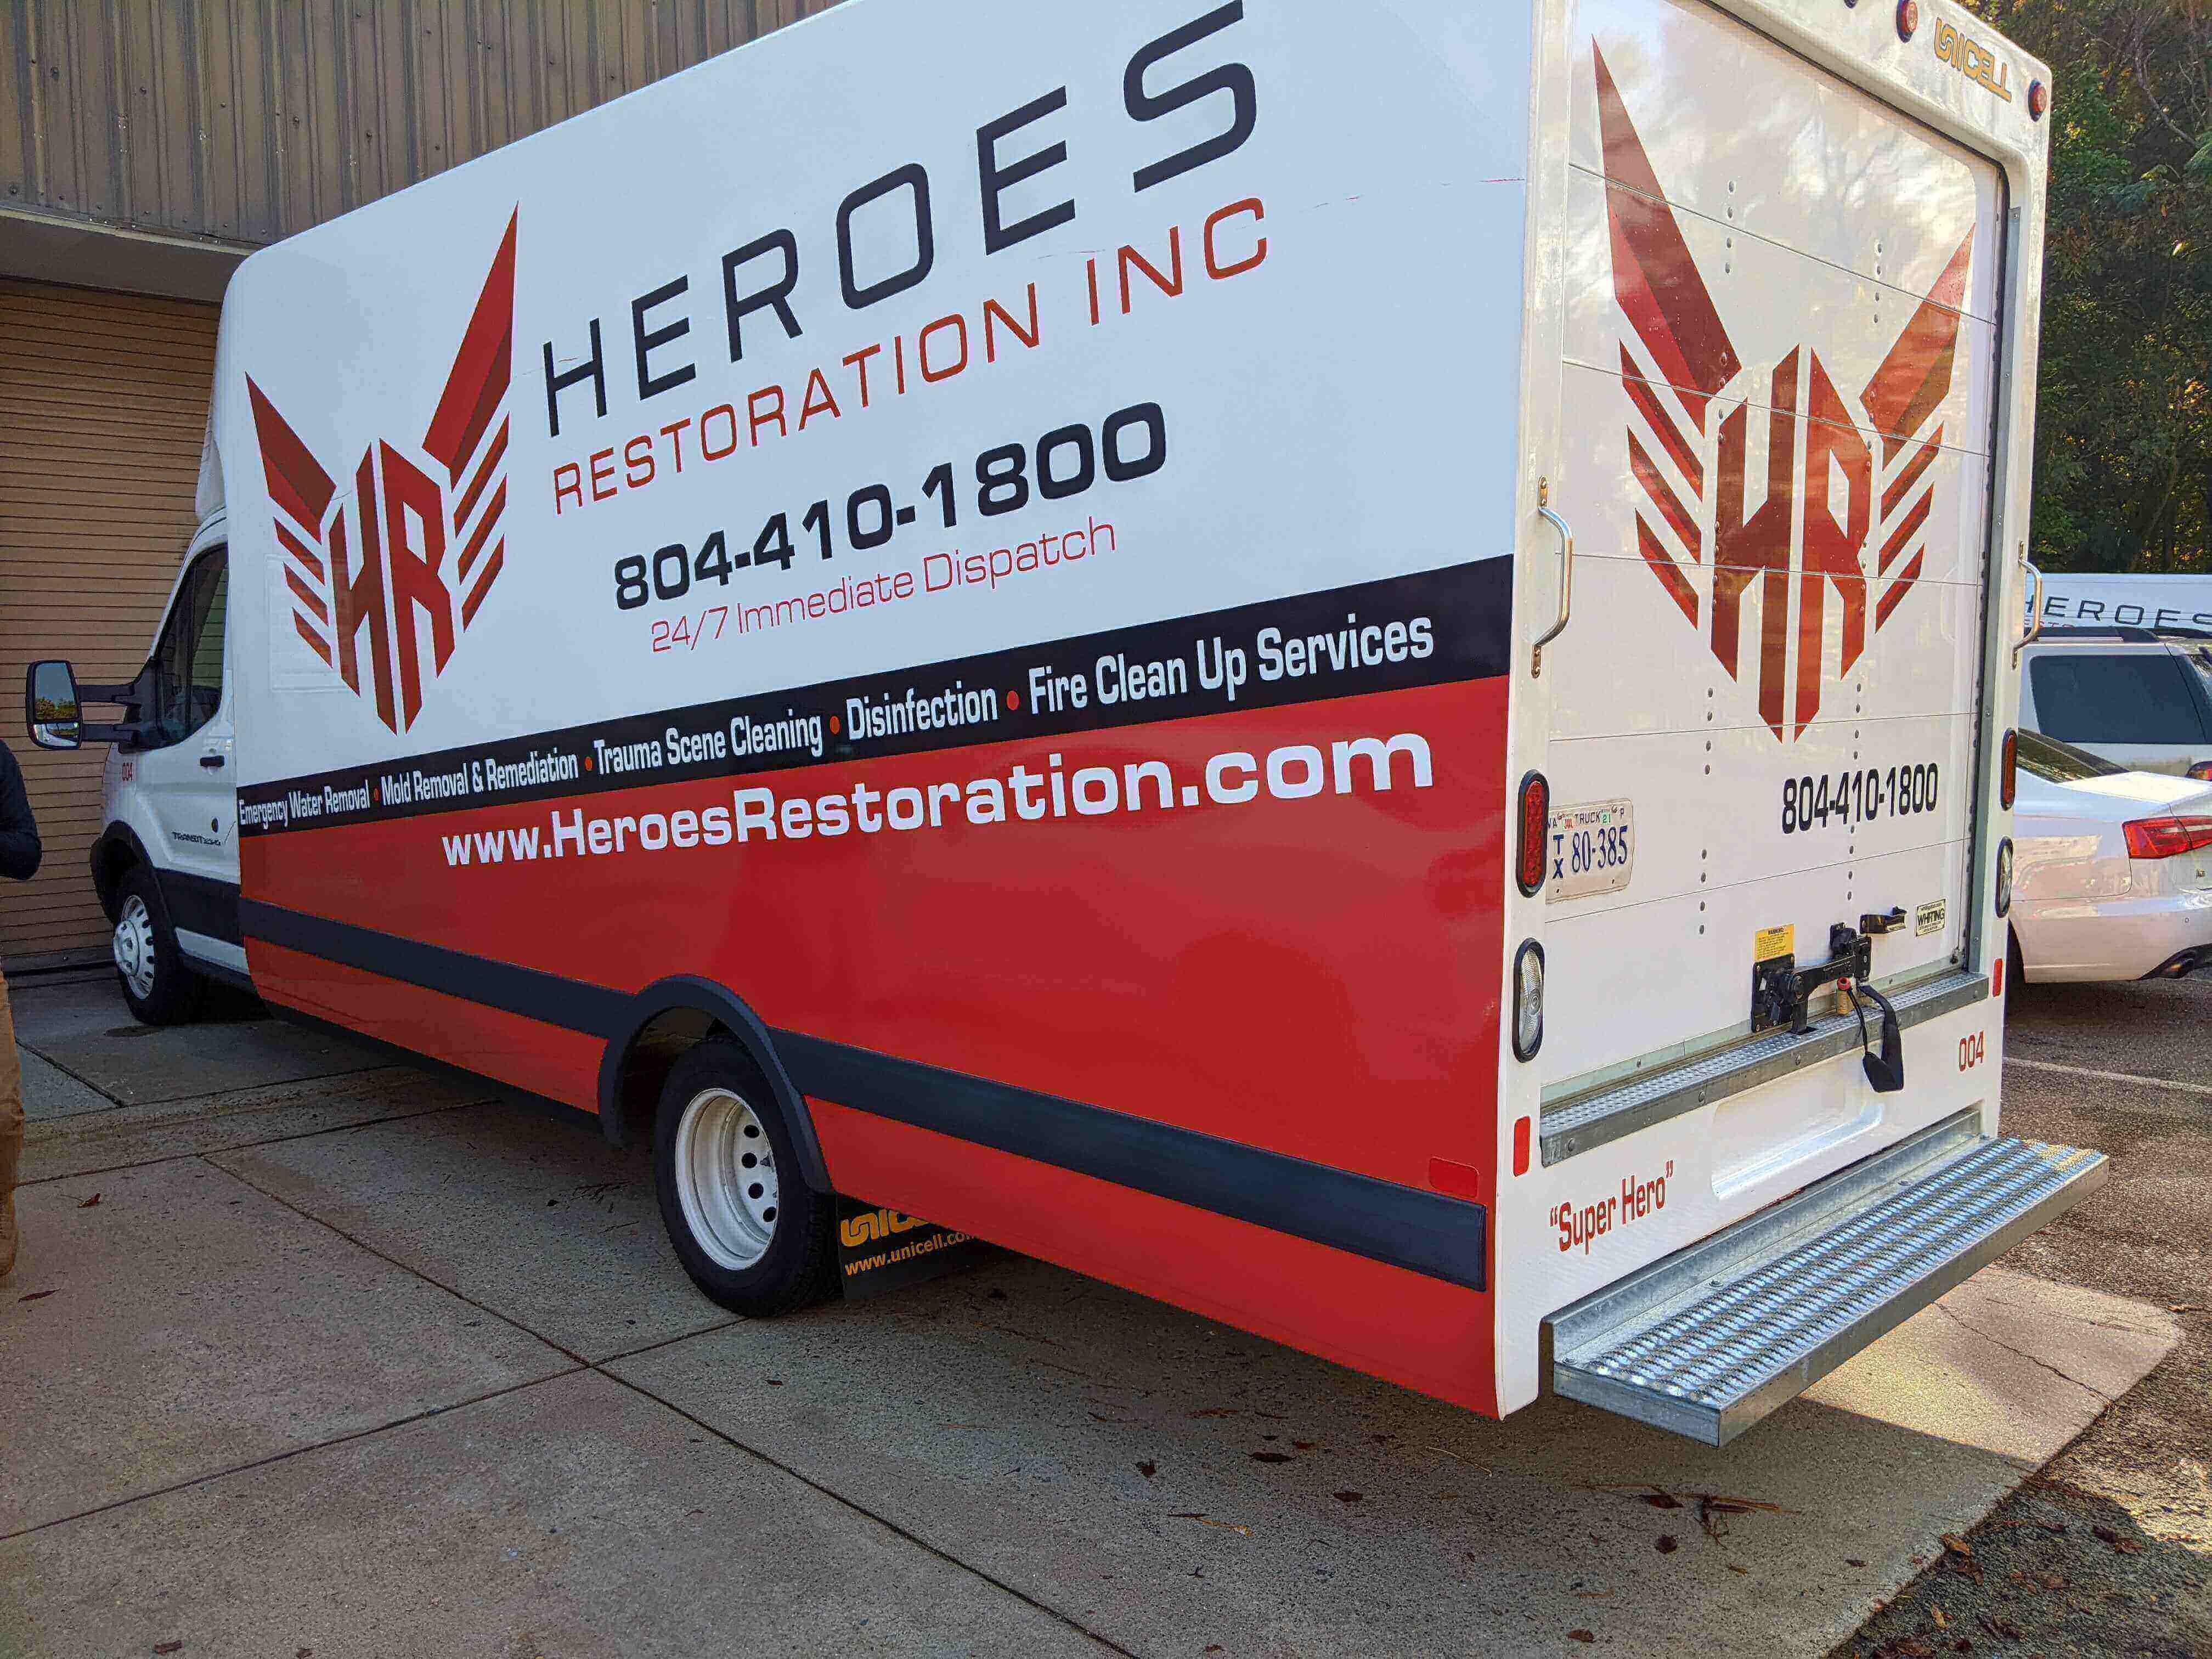 Heroes Restoration